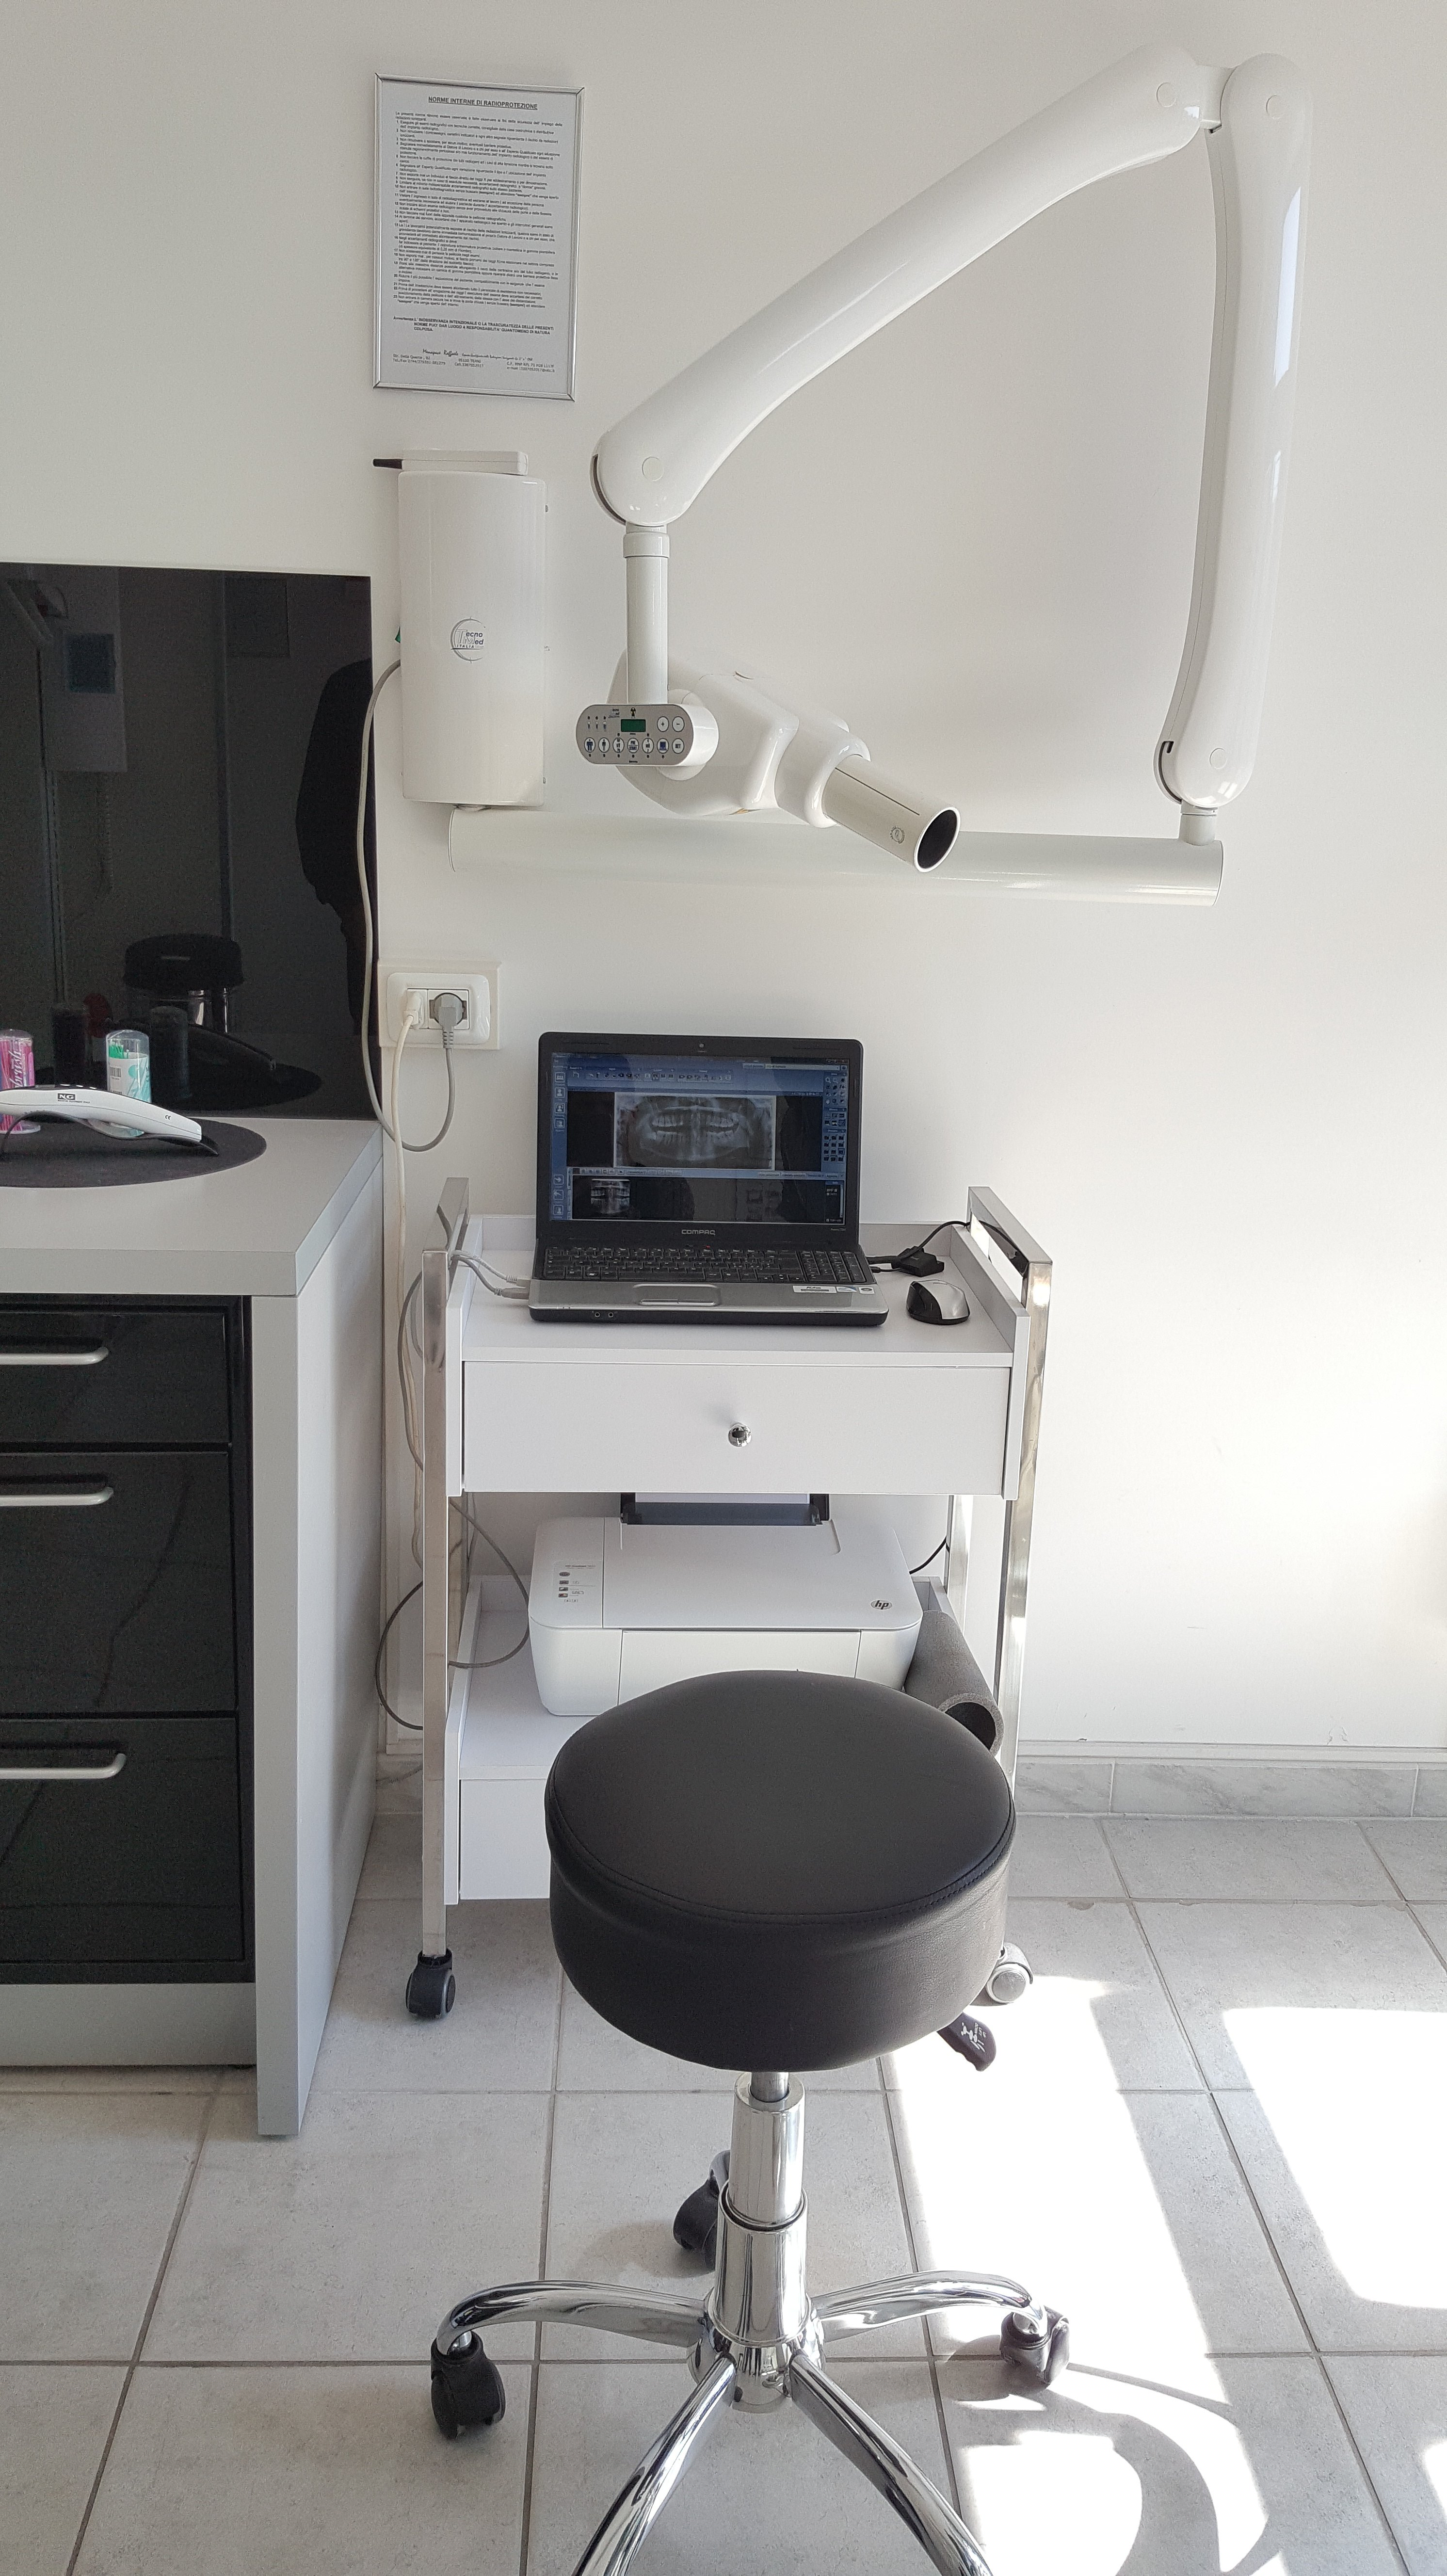 dispositivo elettronico per visite dentistiche